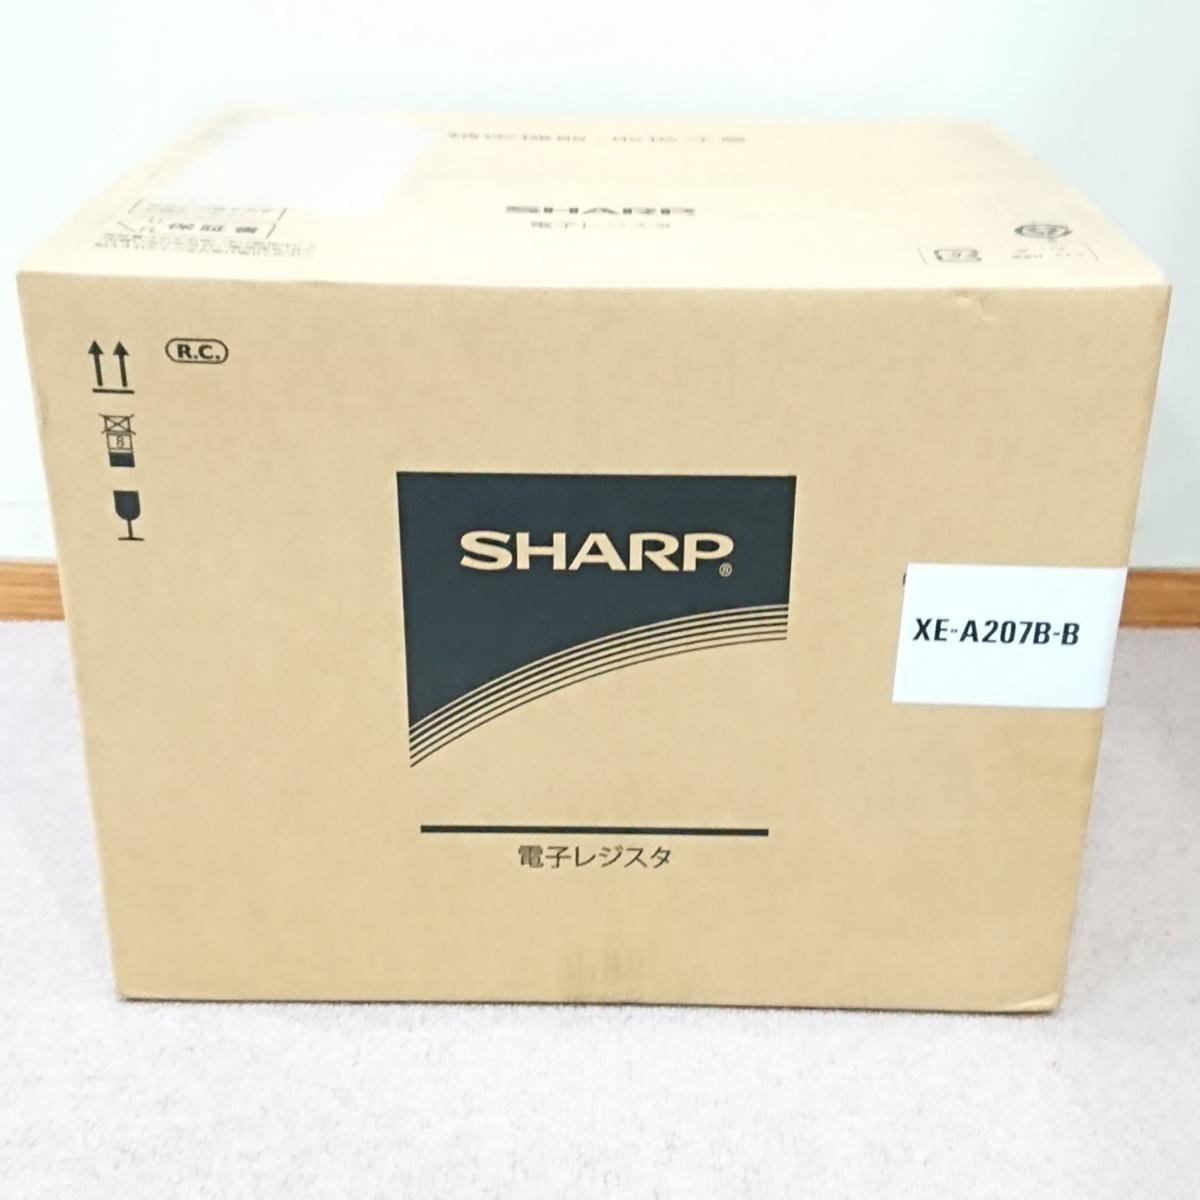 【新品未使用】SHARP シャープ 電子レジスタ XE-A207B-B 軽減税率対応_画像1